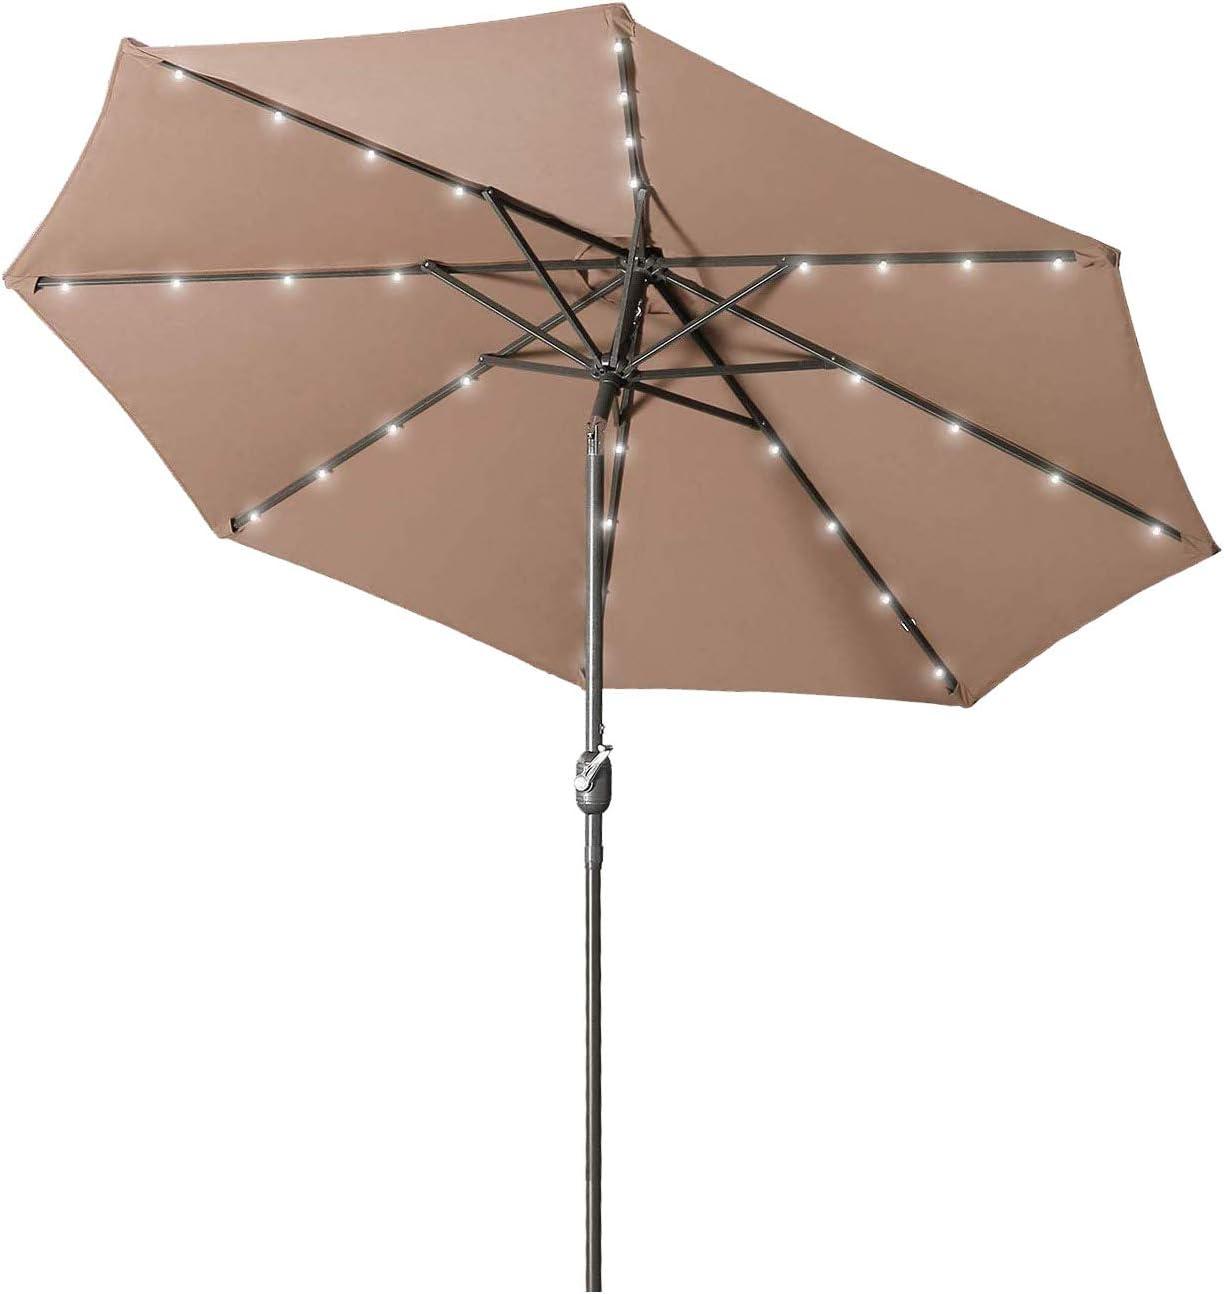 Aok Garden 9 ft Solar LED Lighted Patio Umbrella Outdoor Umbrella with Tilt and Crank 8 Ribs, Coffee